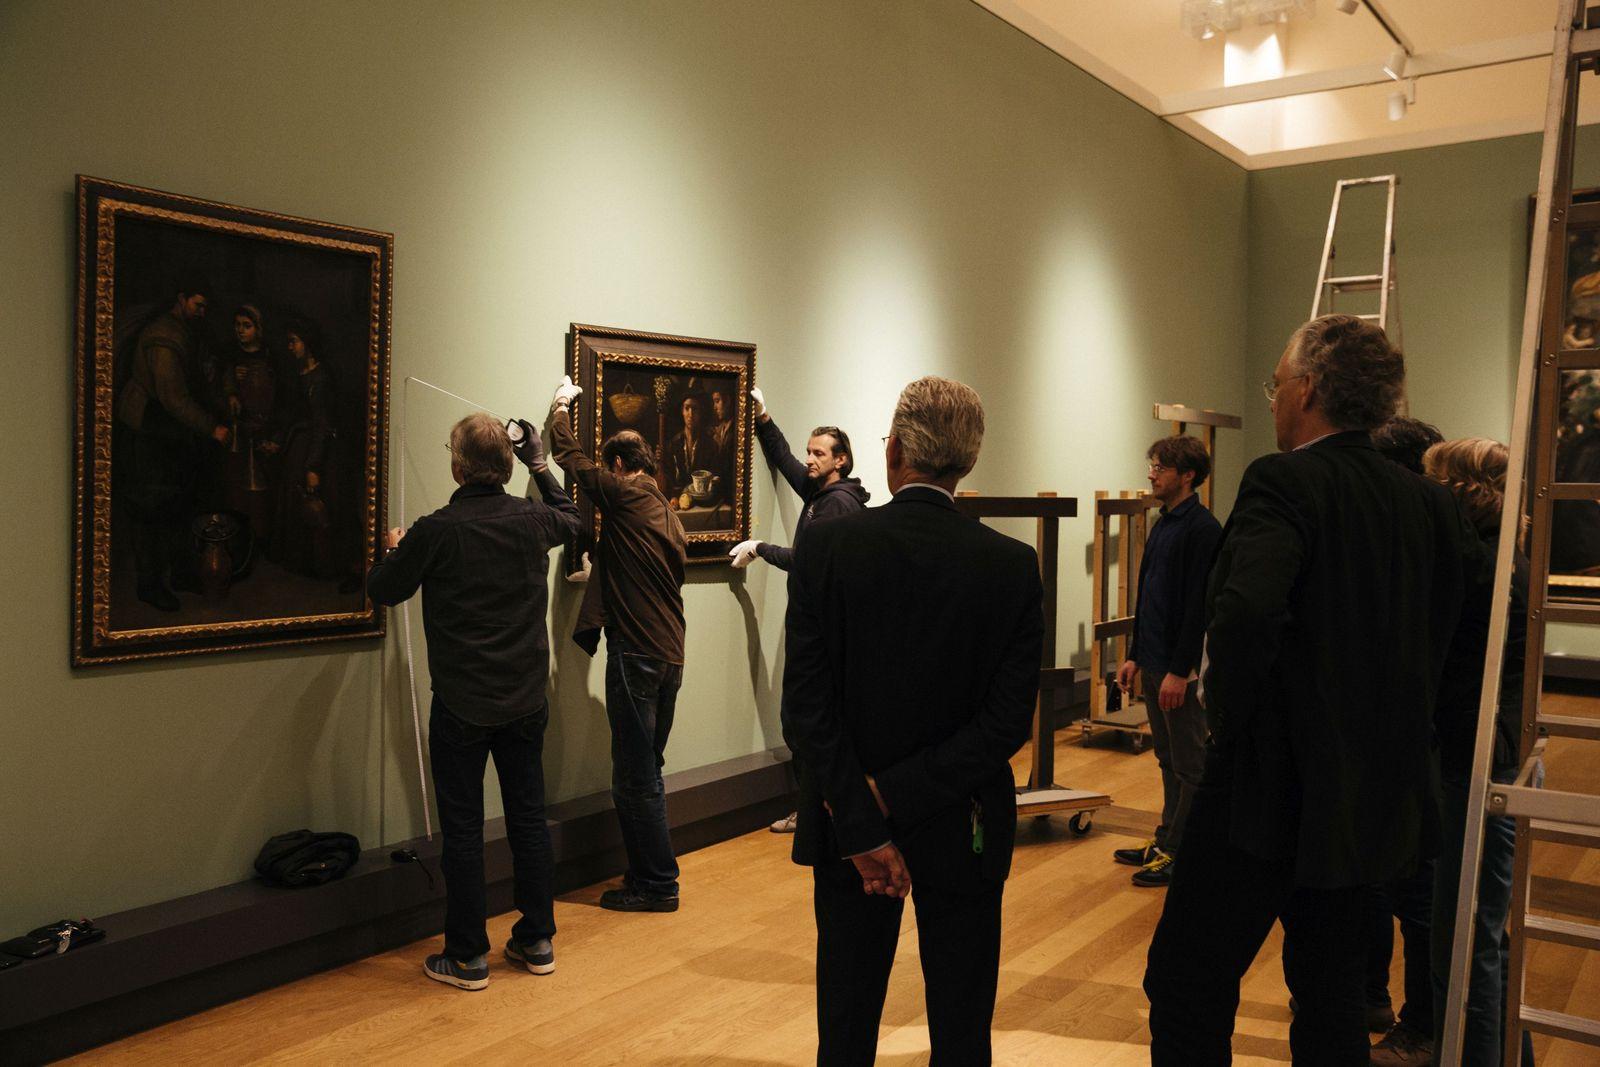 Michael Eissenhauer, Generaldirektor der Staatlichen Museen zu Berlin (rechts), und Bernd Lindemann, Direktor der Gemäldegalerie, verfolgen das Hängen eines Bildes für die Ausstellung